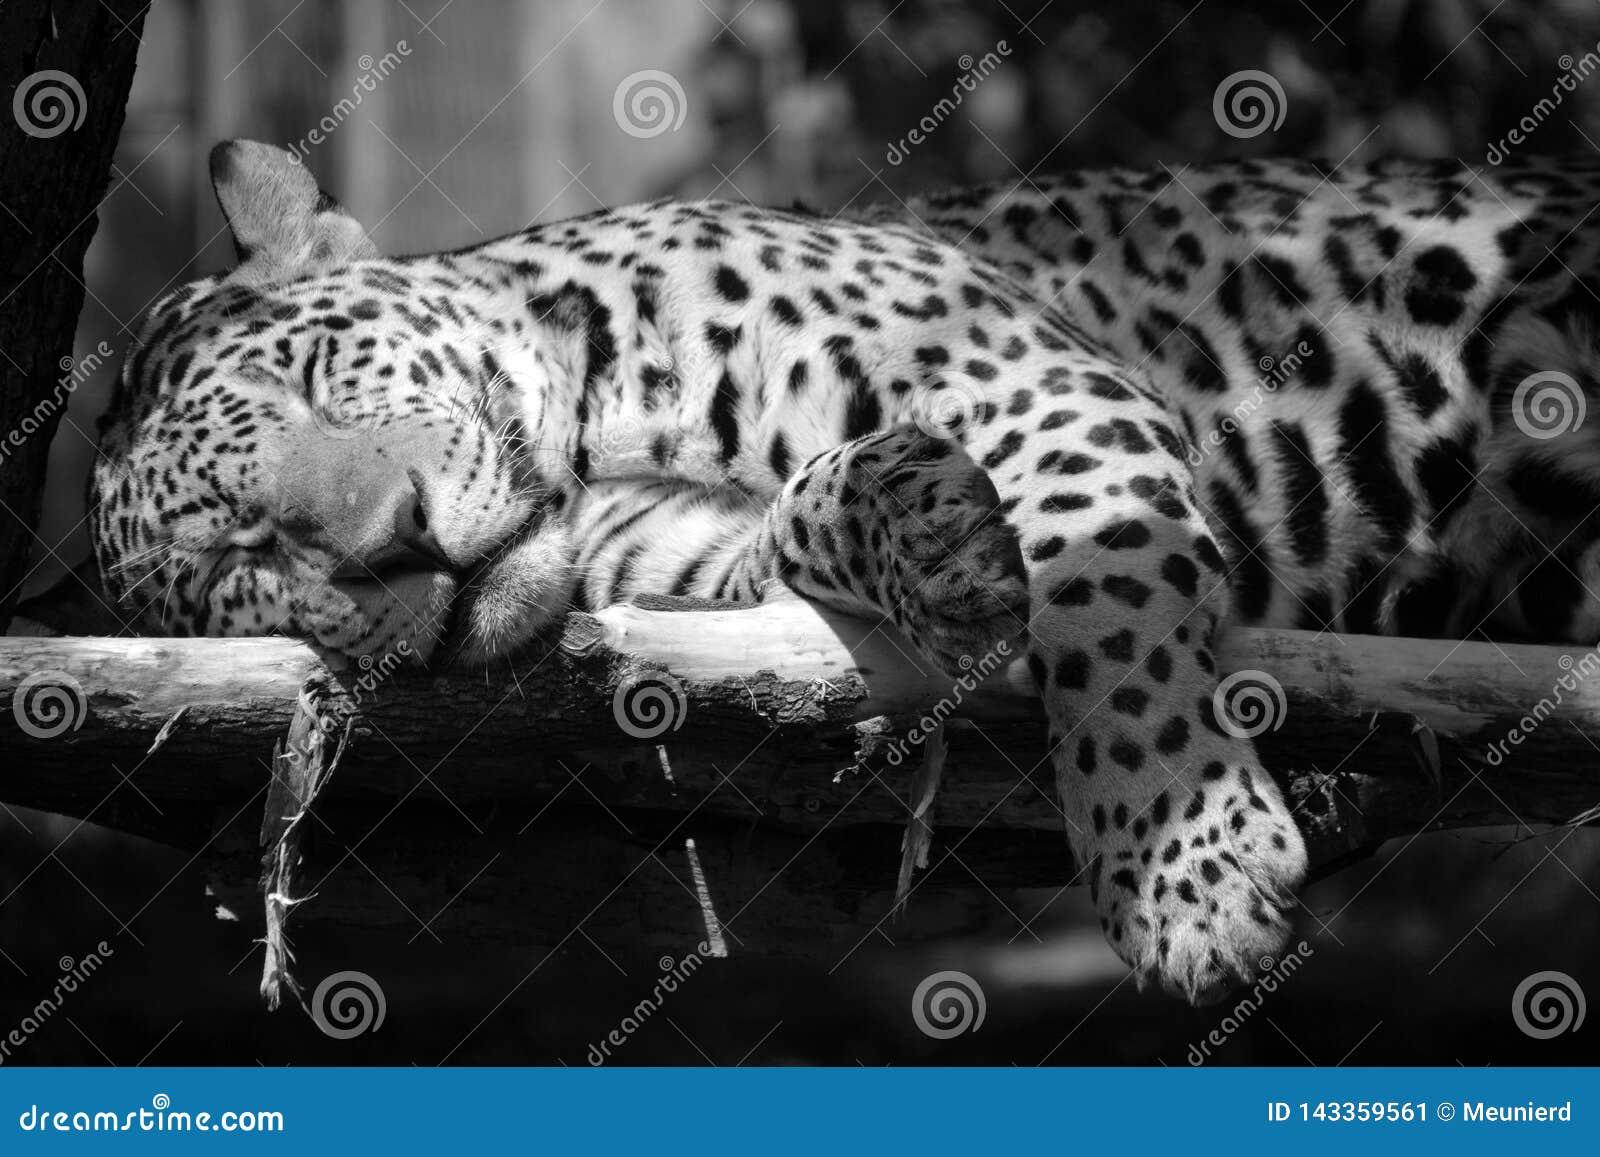 Jaguar es un gato, un felino